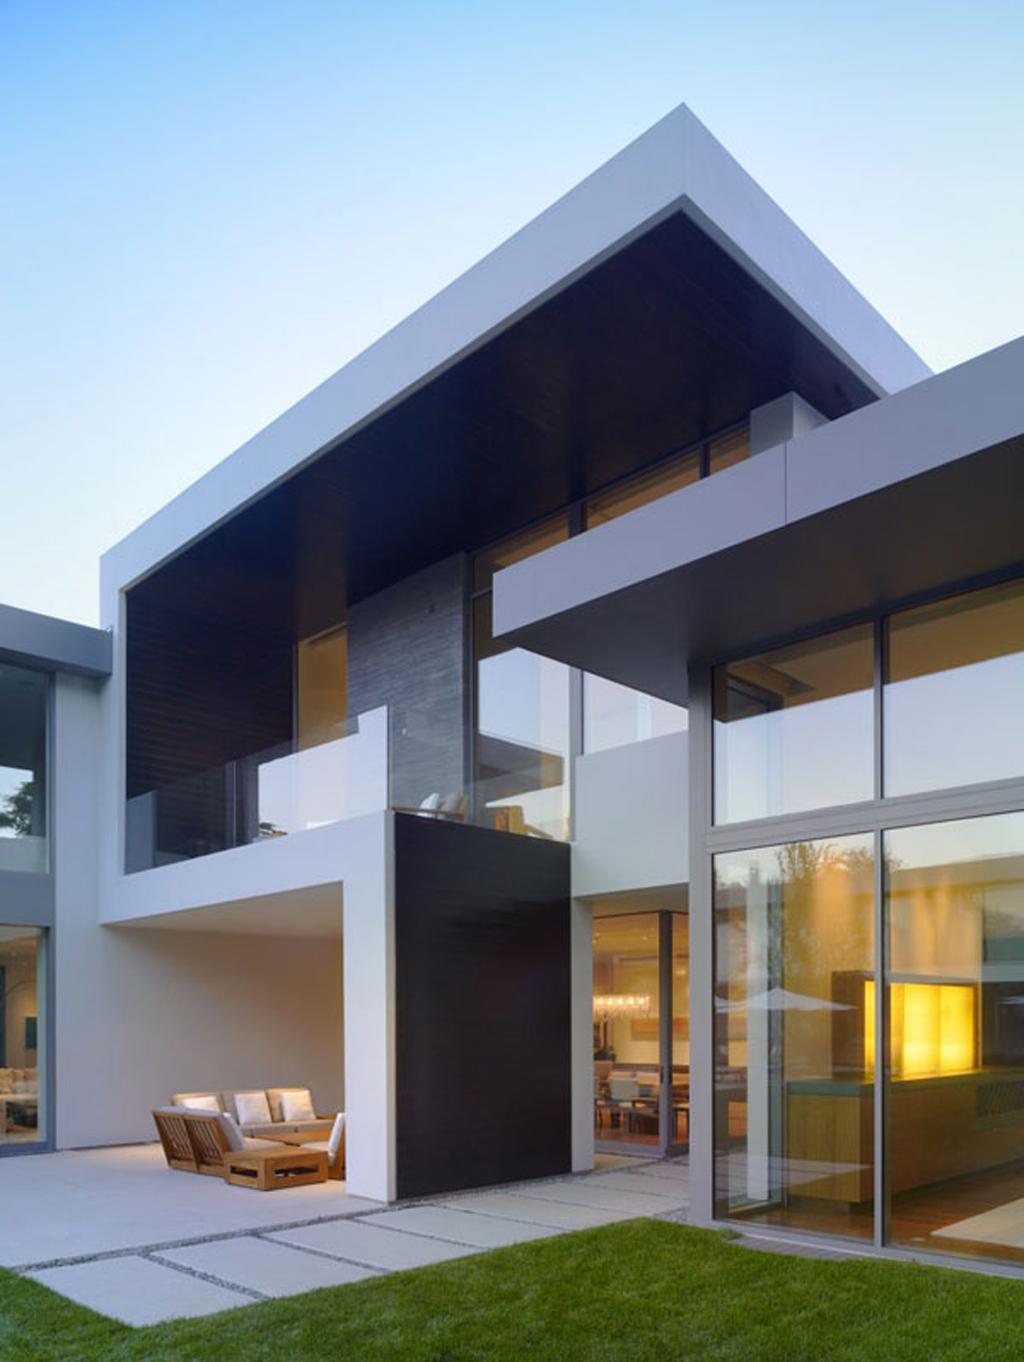 Architecture Villa Image Architecture Design For Home